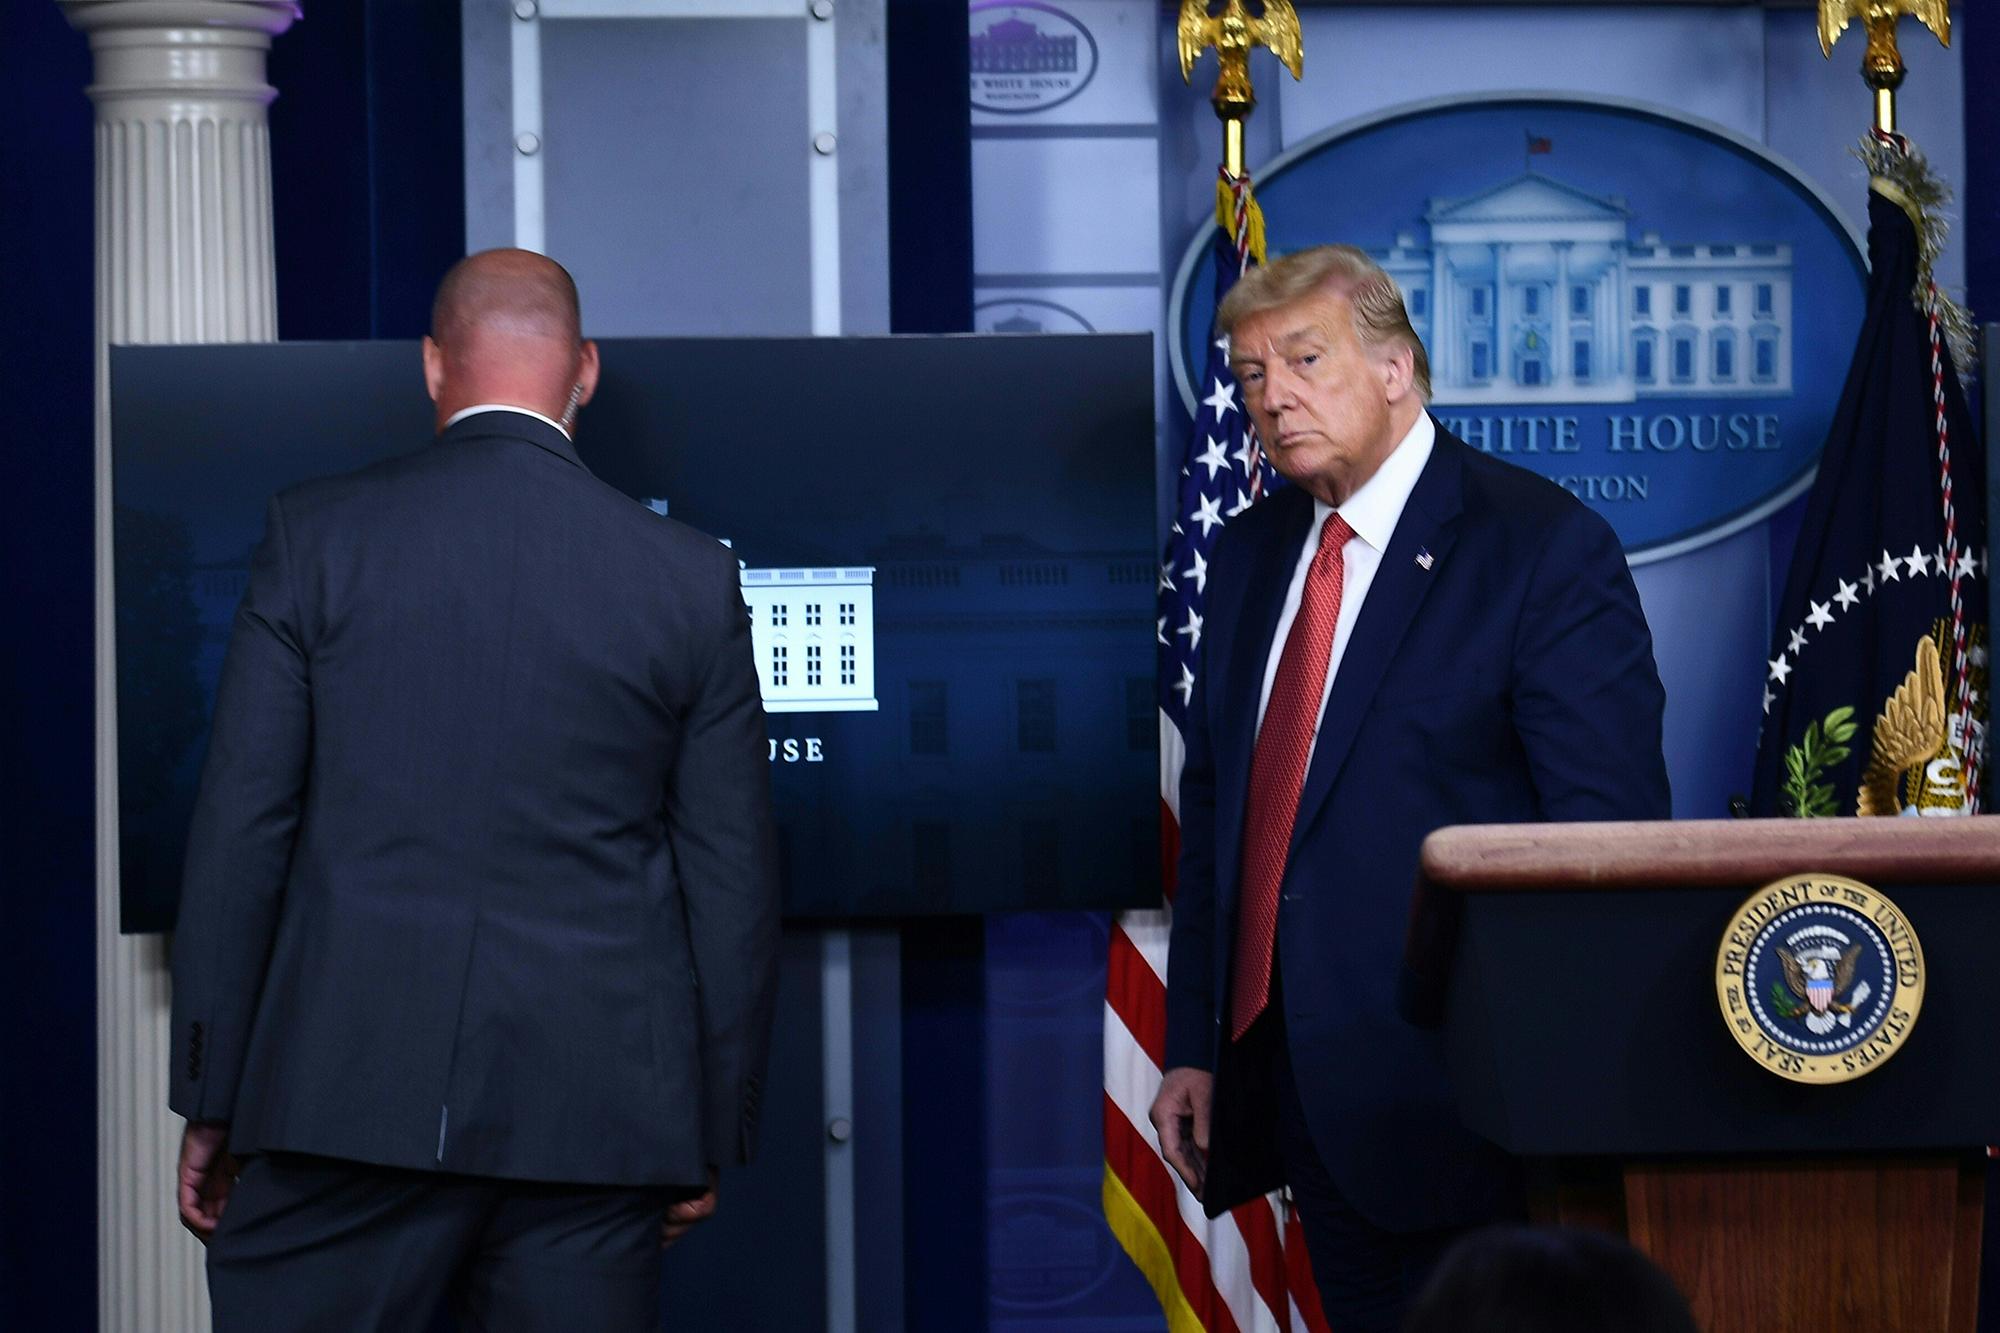 Conferencia de prensa de Donald Trump fue interrumpida por un tiroteo afuera de la Casa Blanca